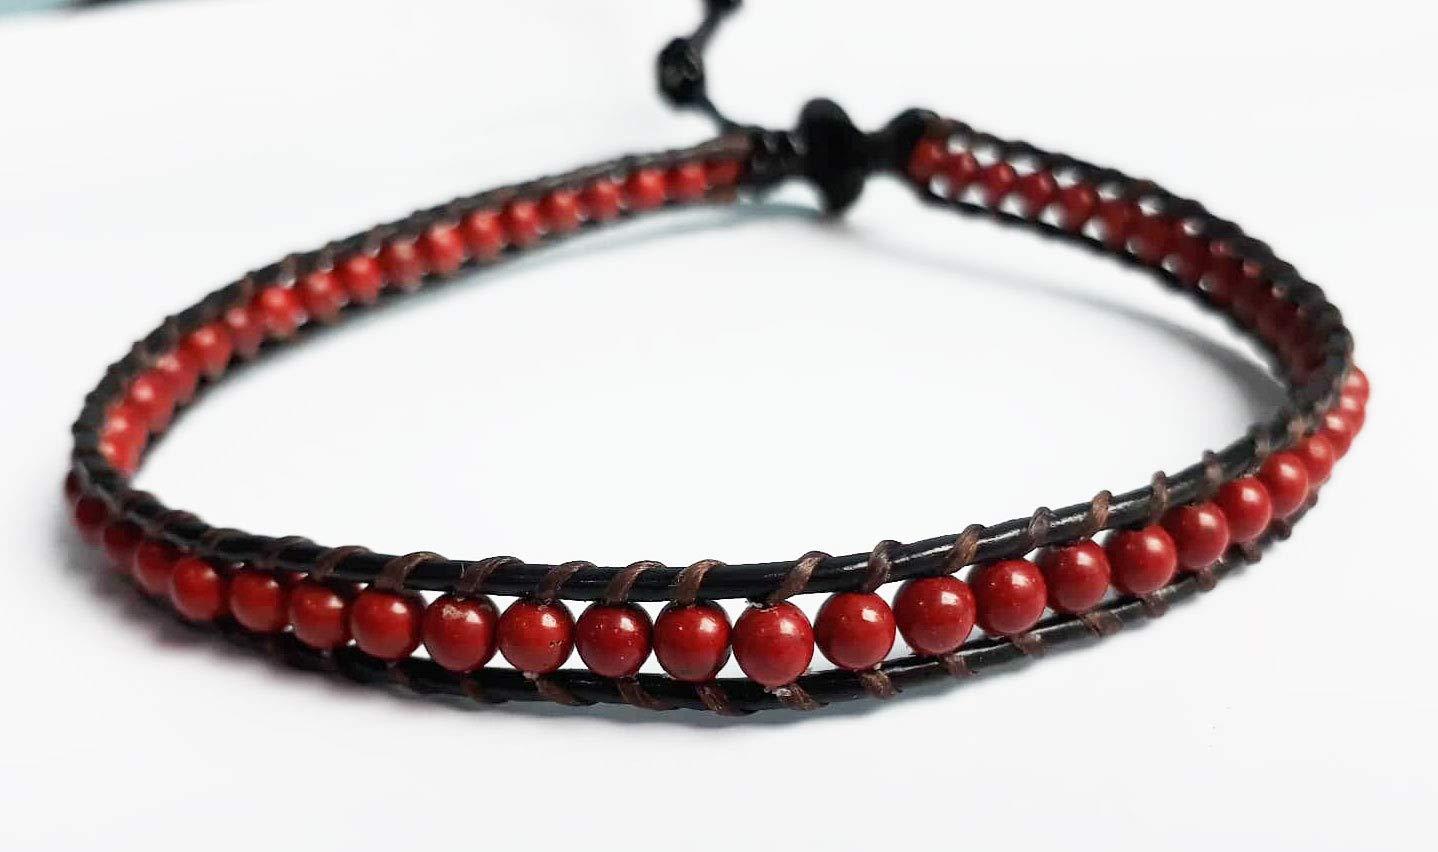 Red jasper stone anklets leather anklets red anklets men anklets women anklets gemstone anklets gift anklets boy girl anklets